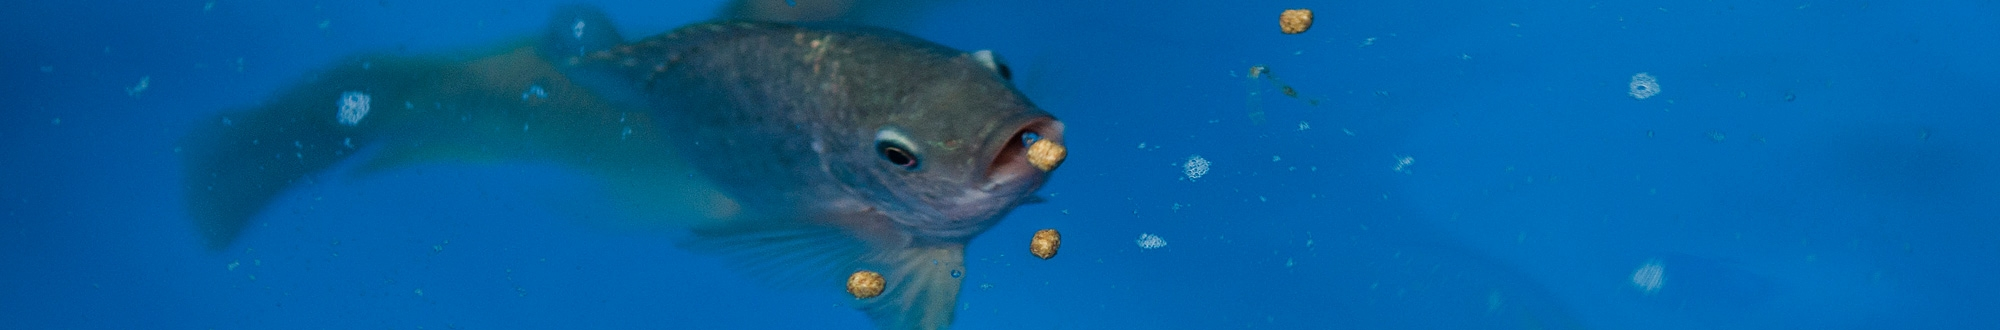 Aquatic Feed & Feeders